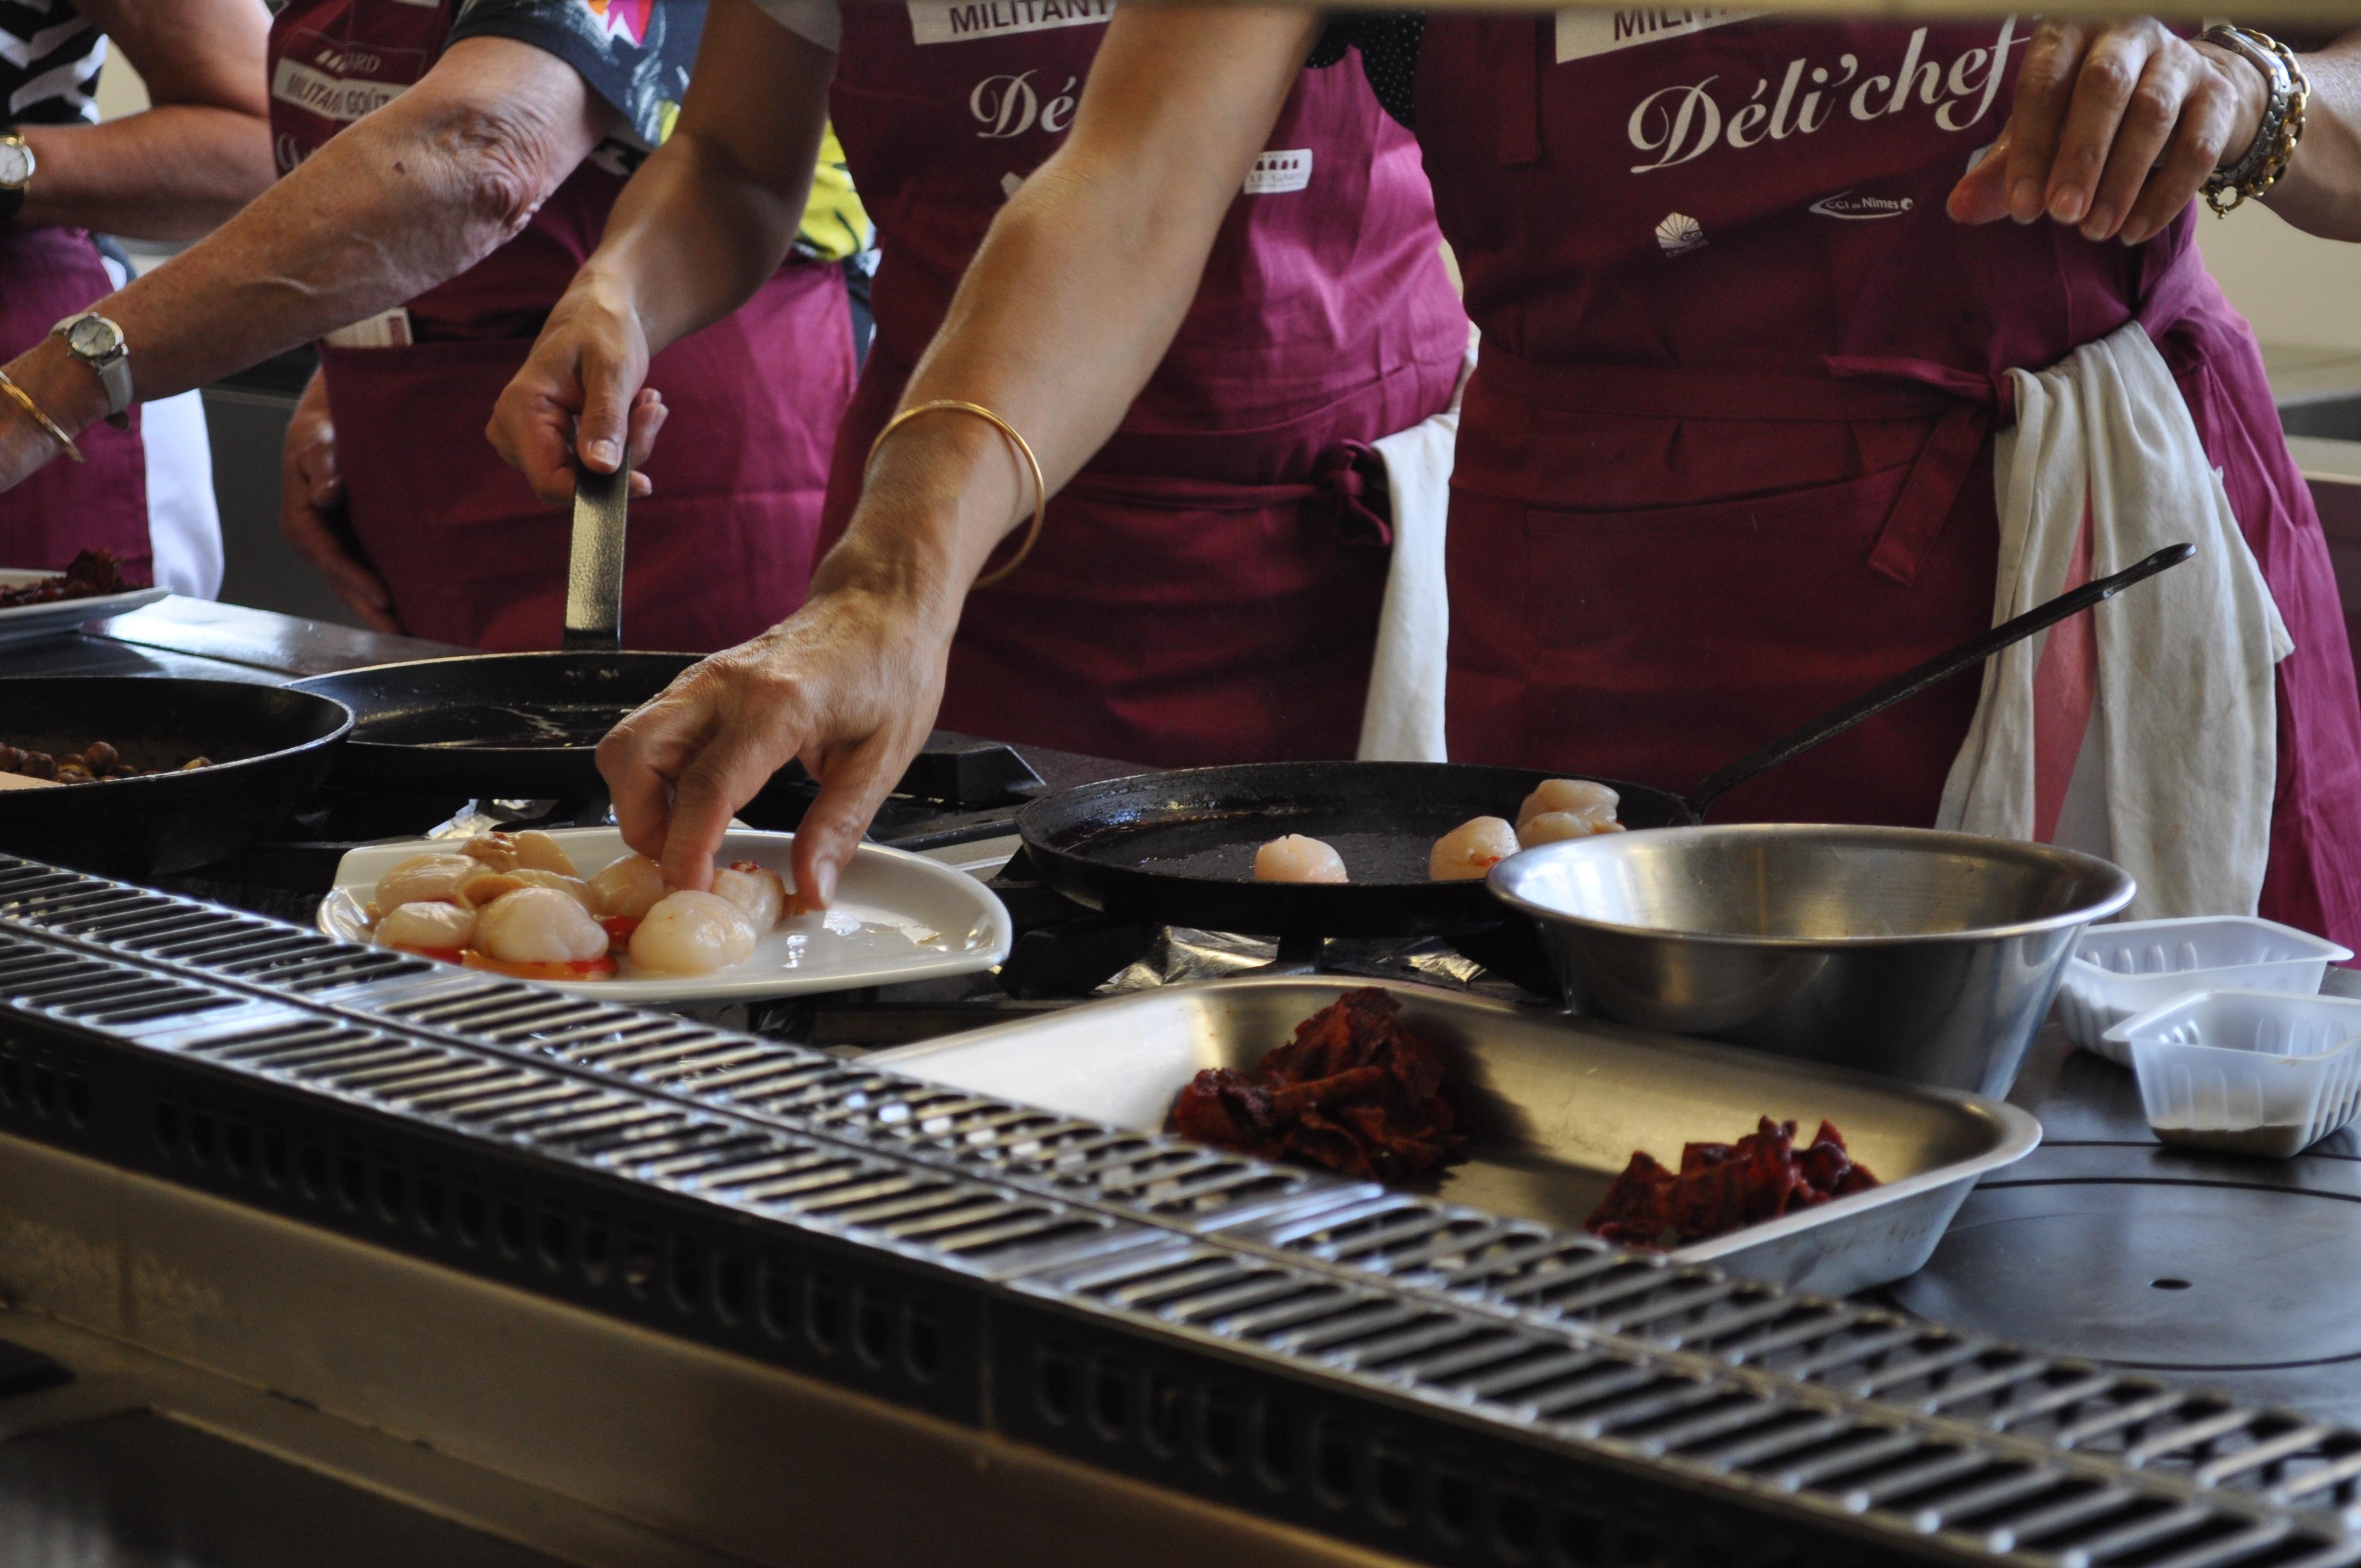 La pomme reinette l honneur avec le concours d li chef - Cours de cuisine launaguet ...